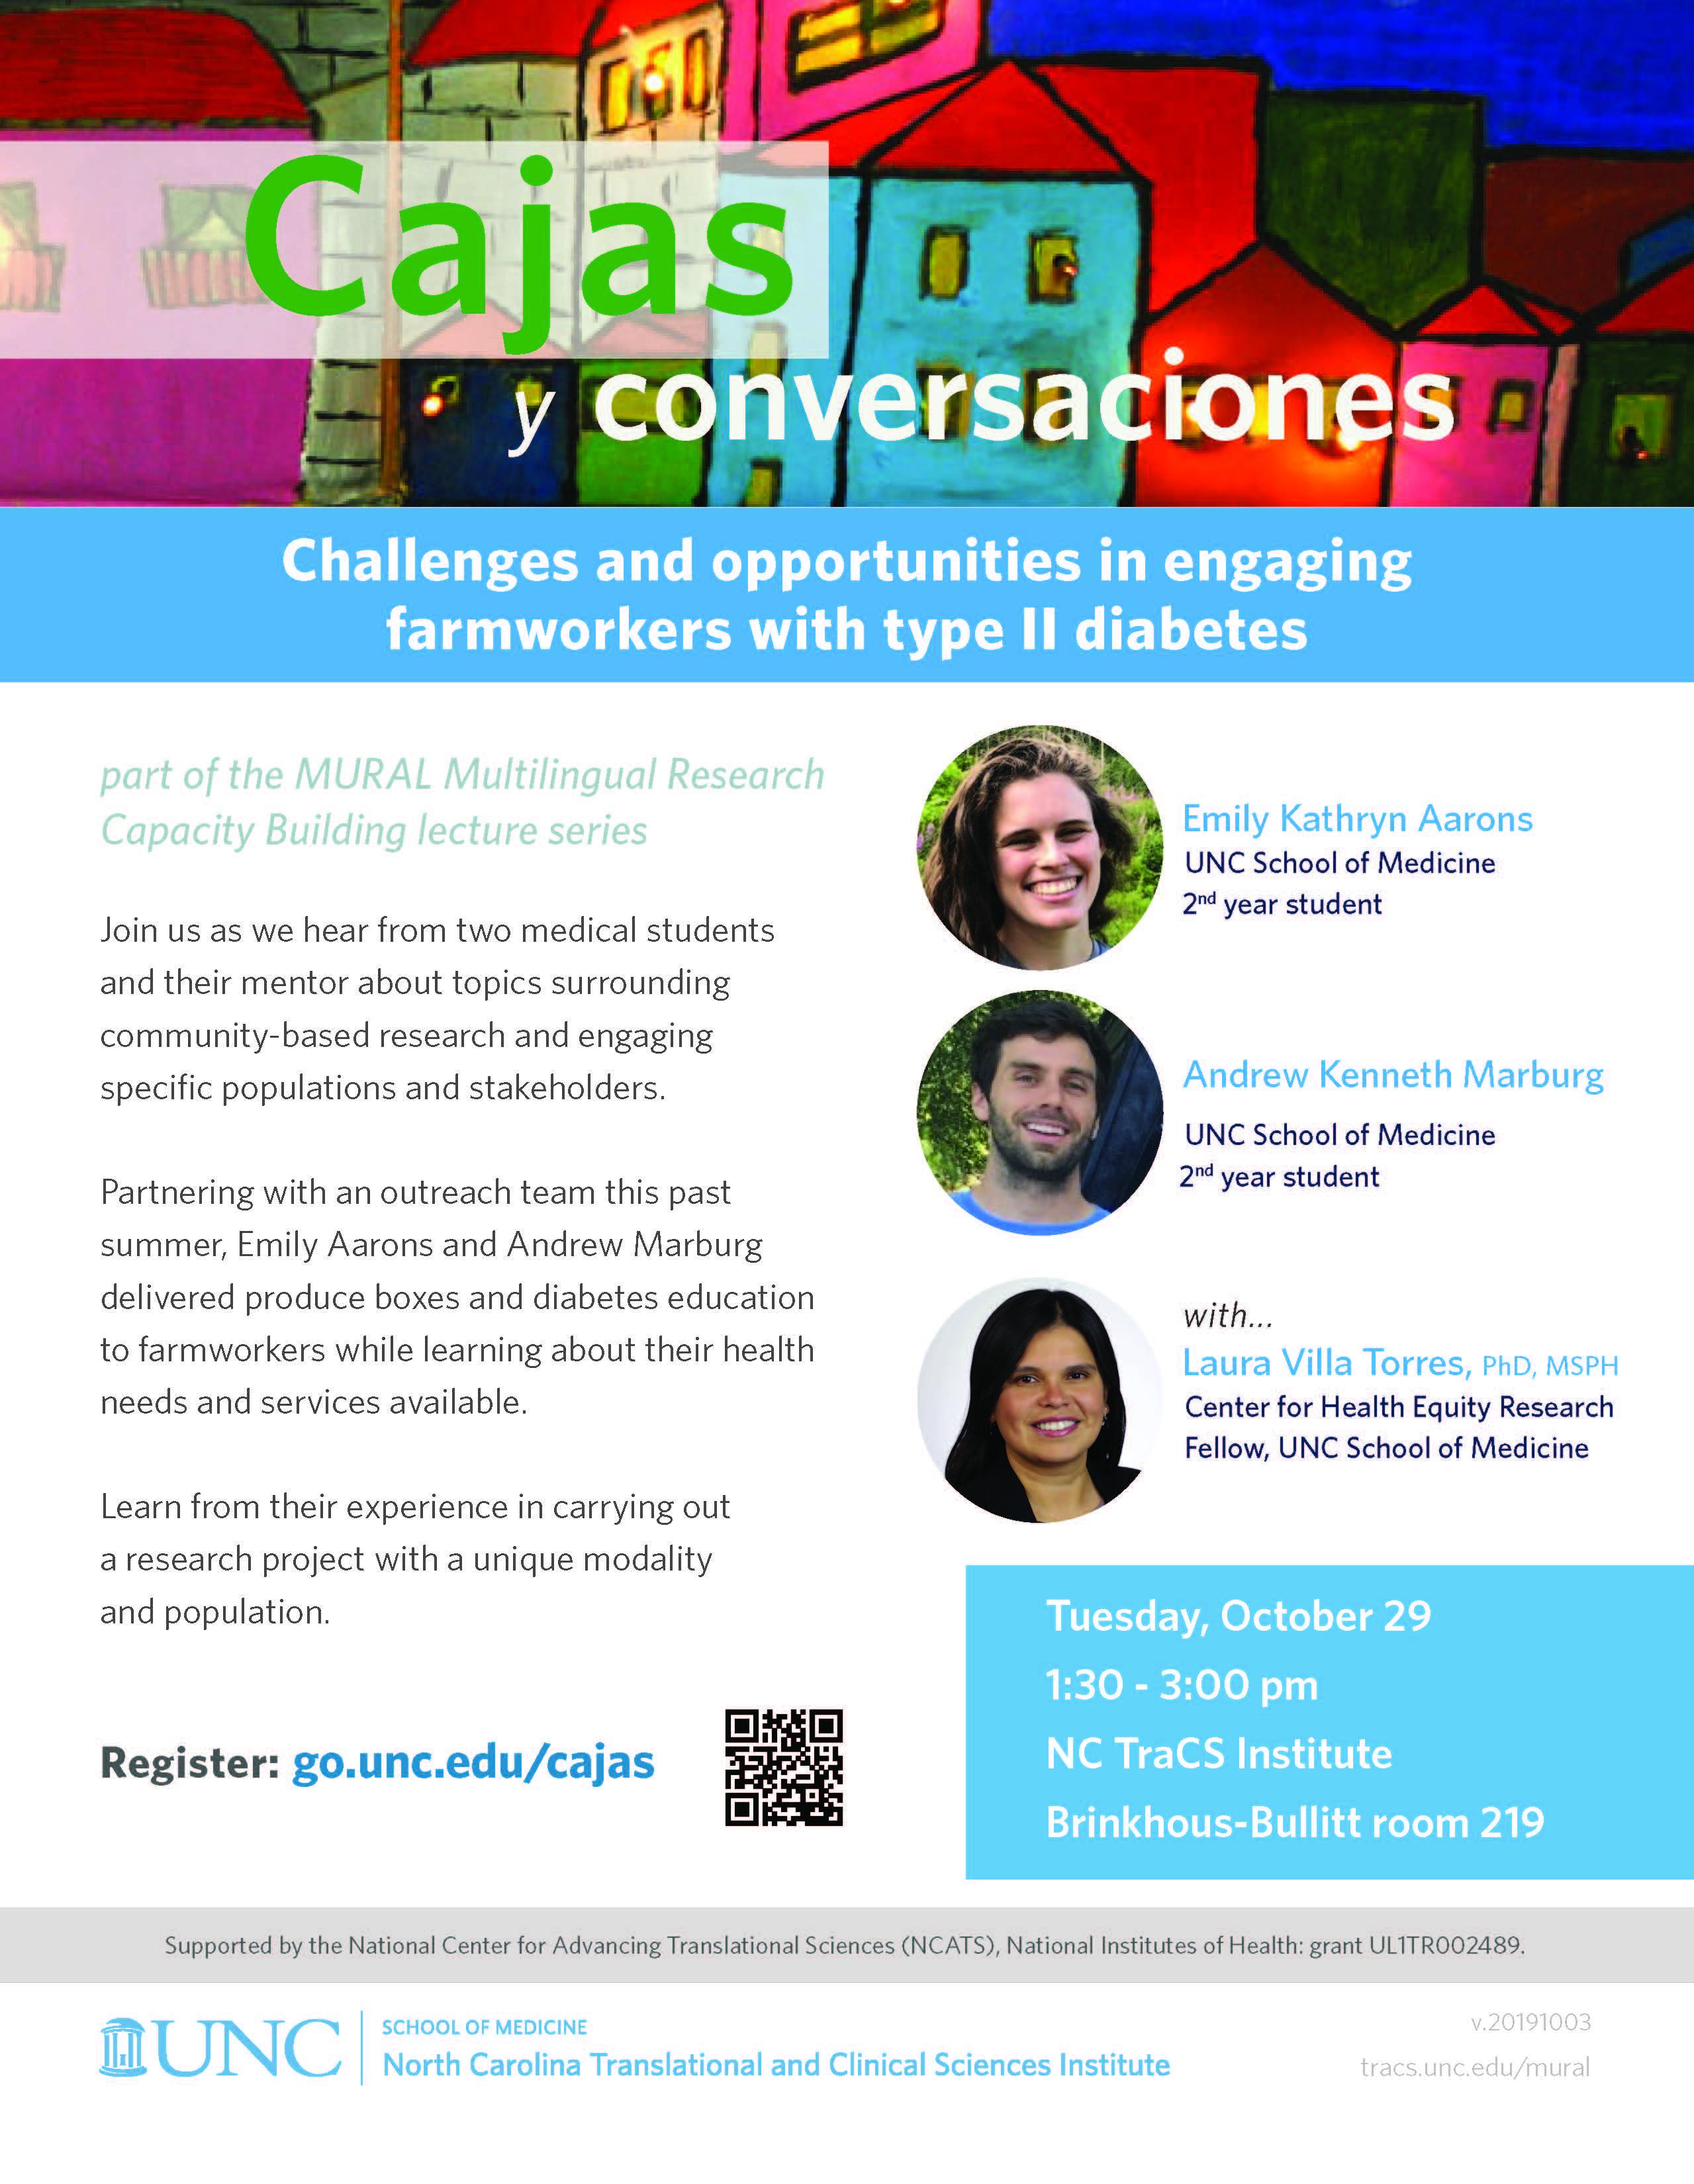 MURAL Multilingual Research Capacity Building Lecture Series: Cajas y Conversaciones